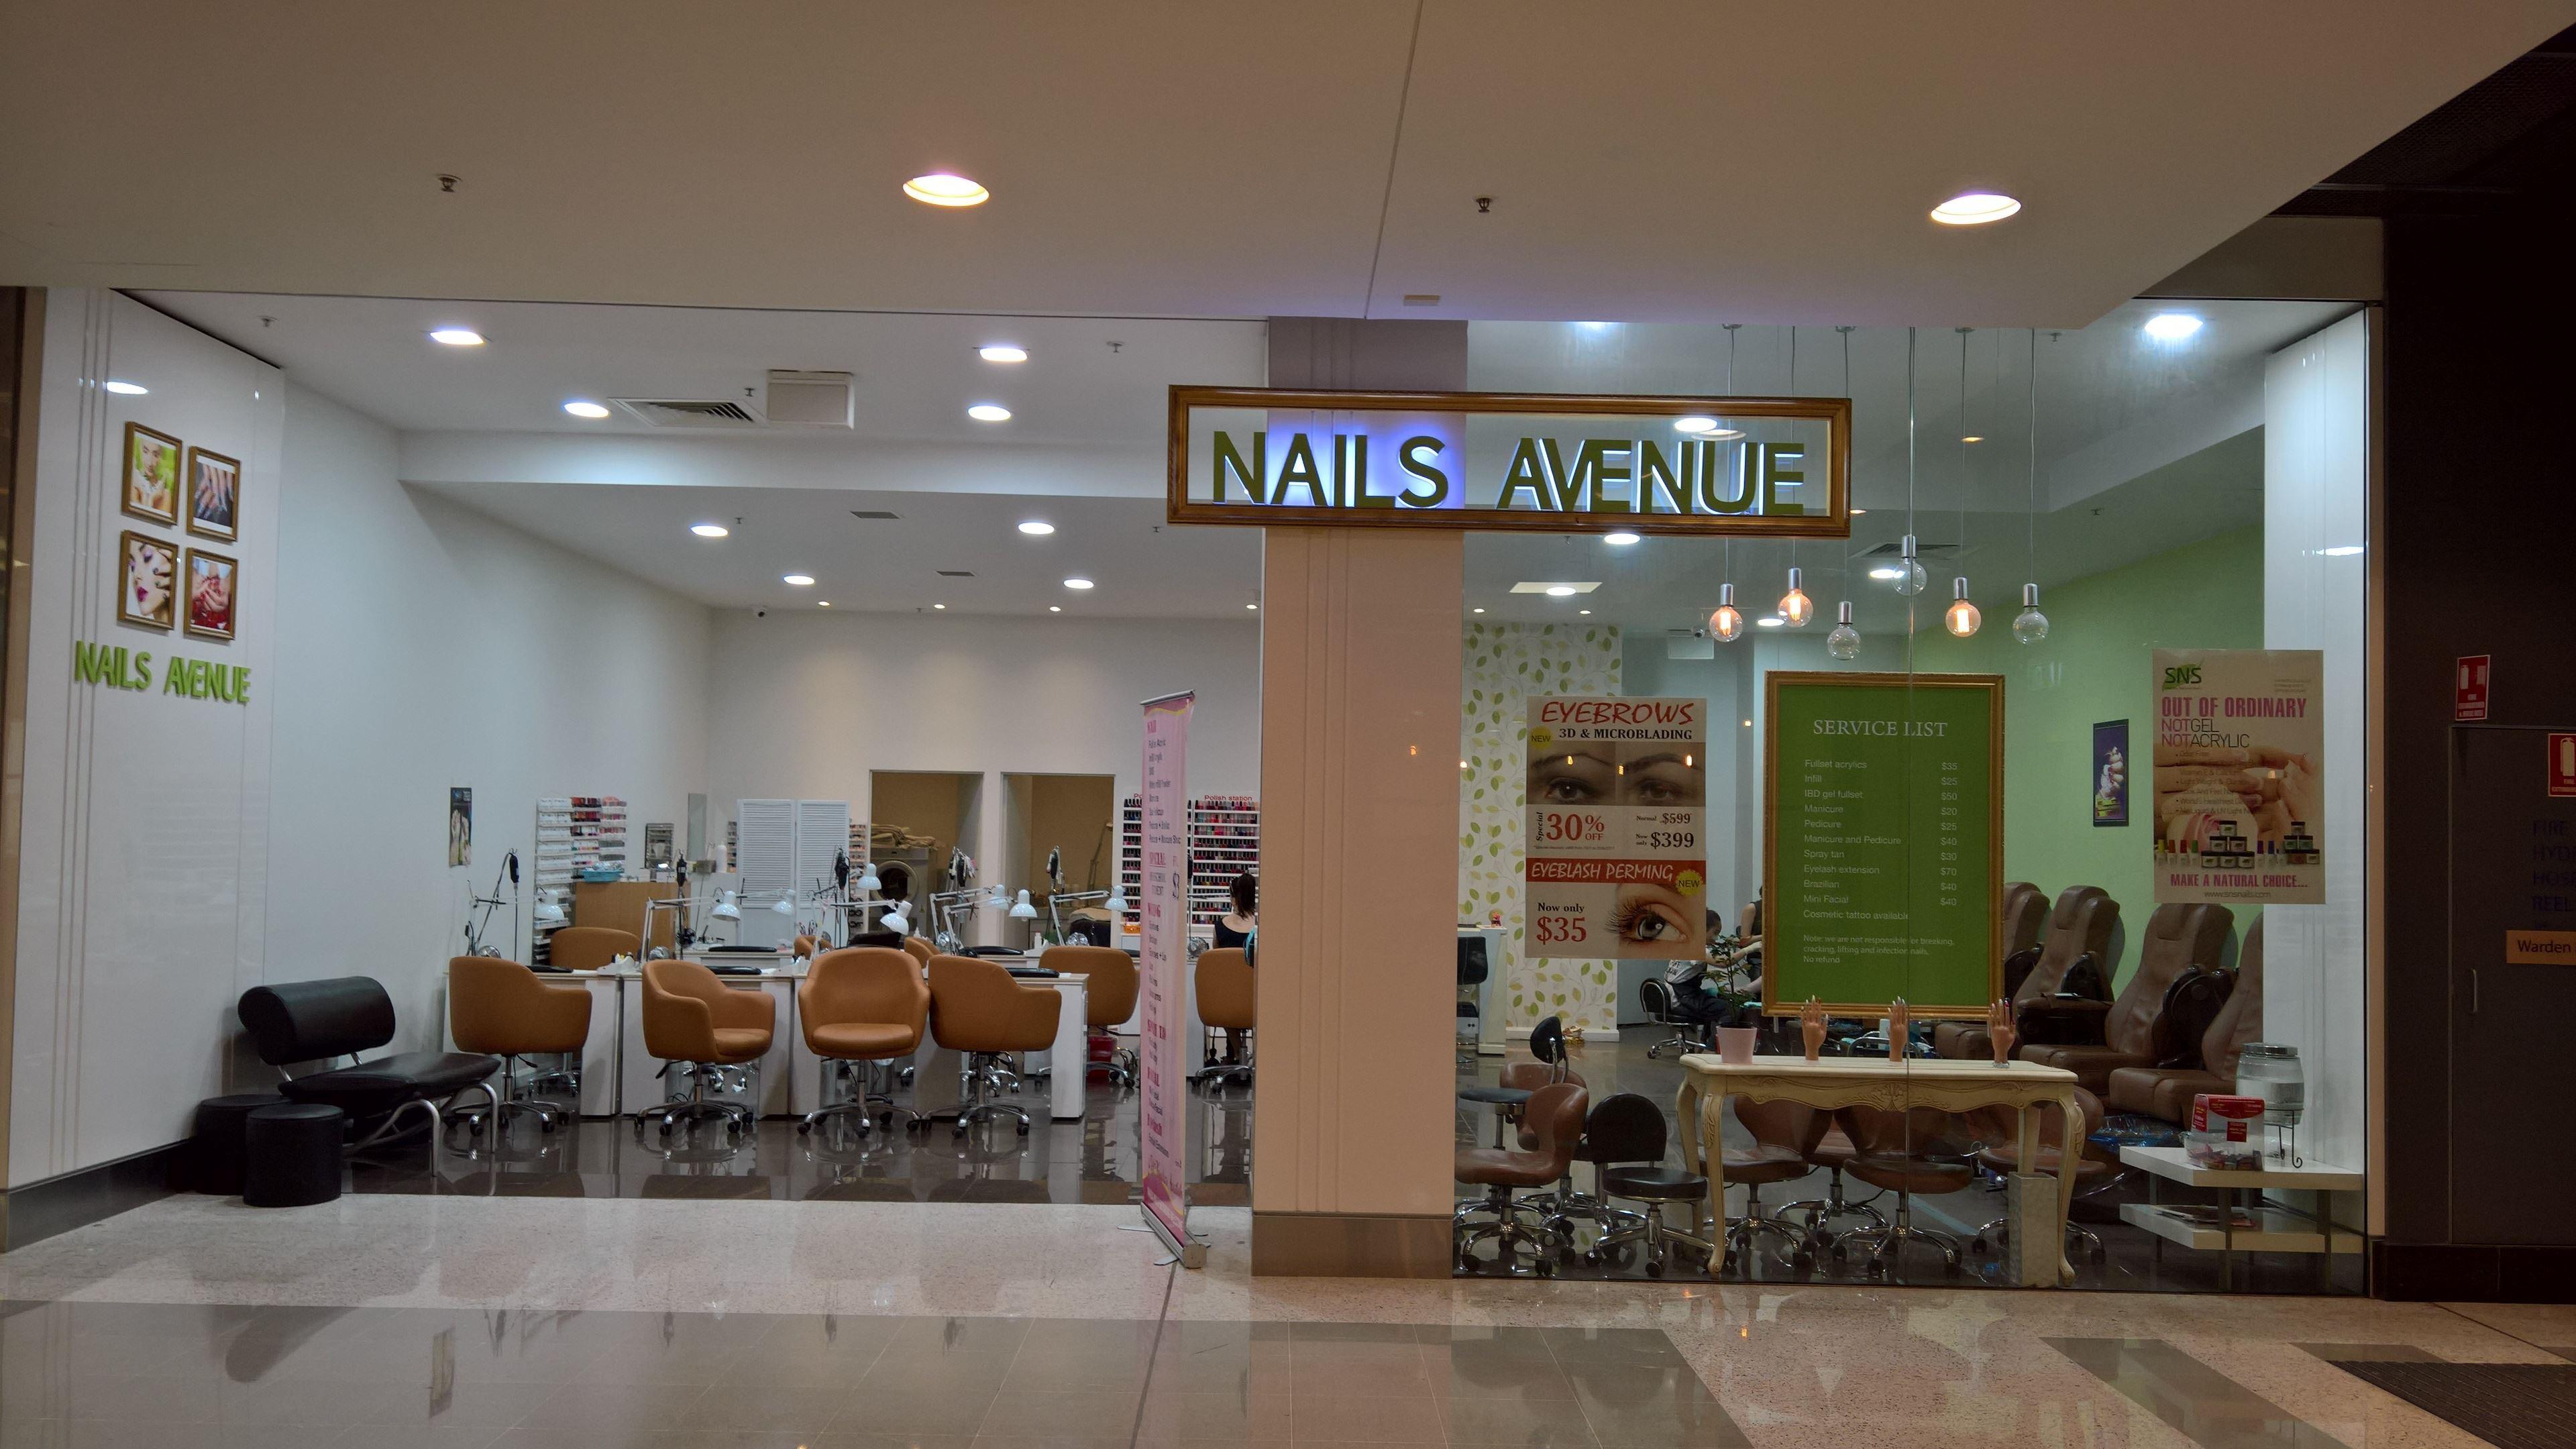 Nails Avenue Manicure Nails